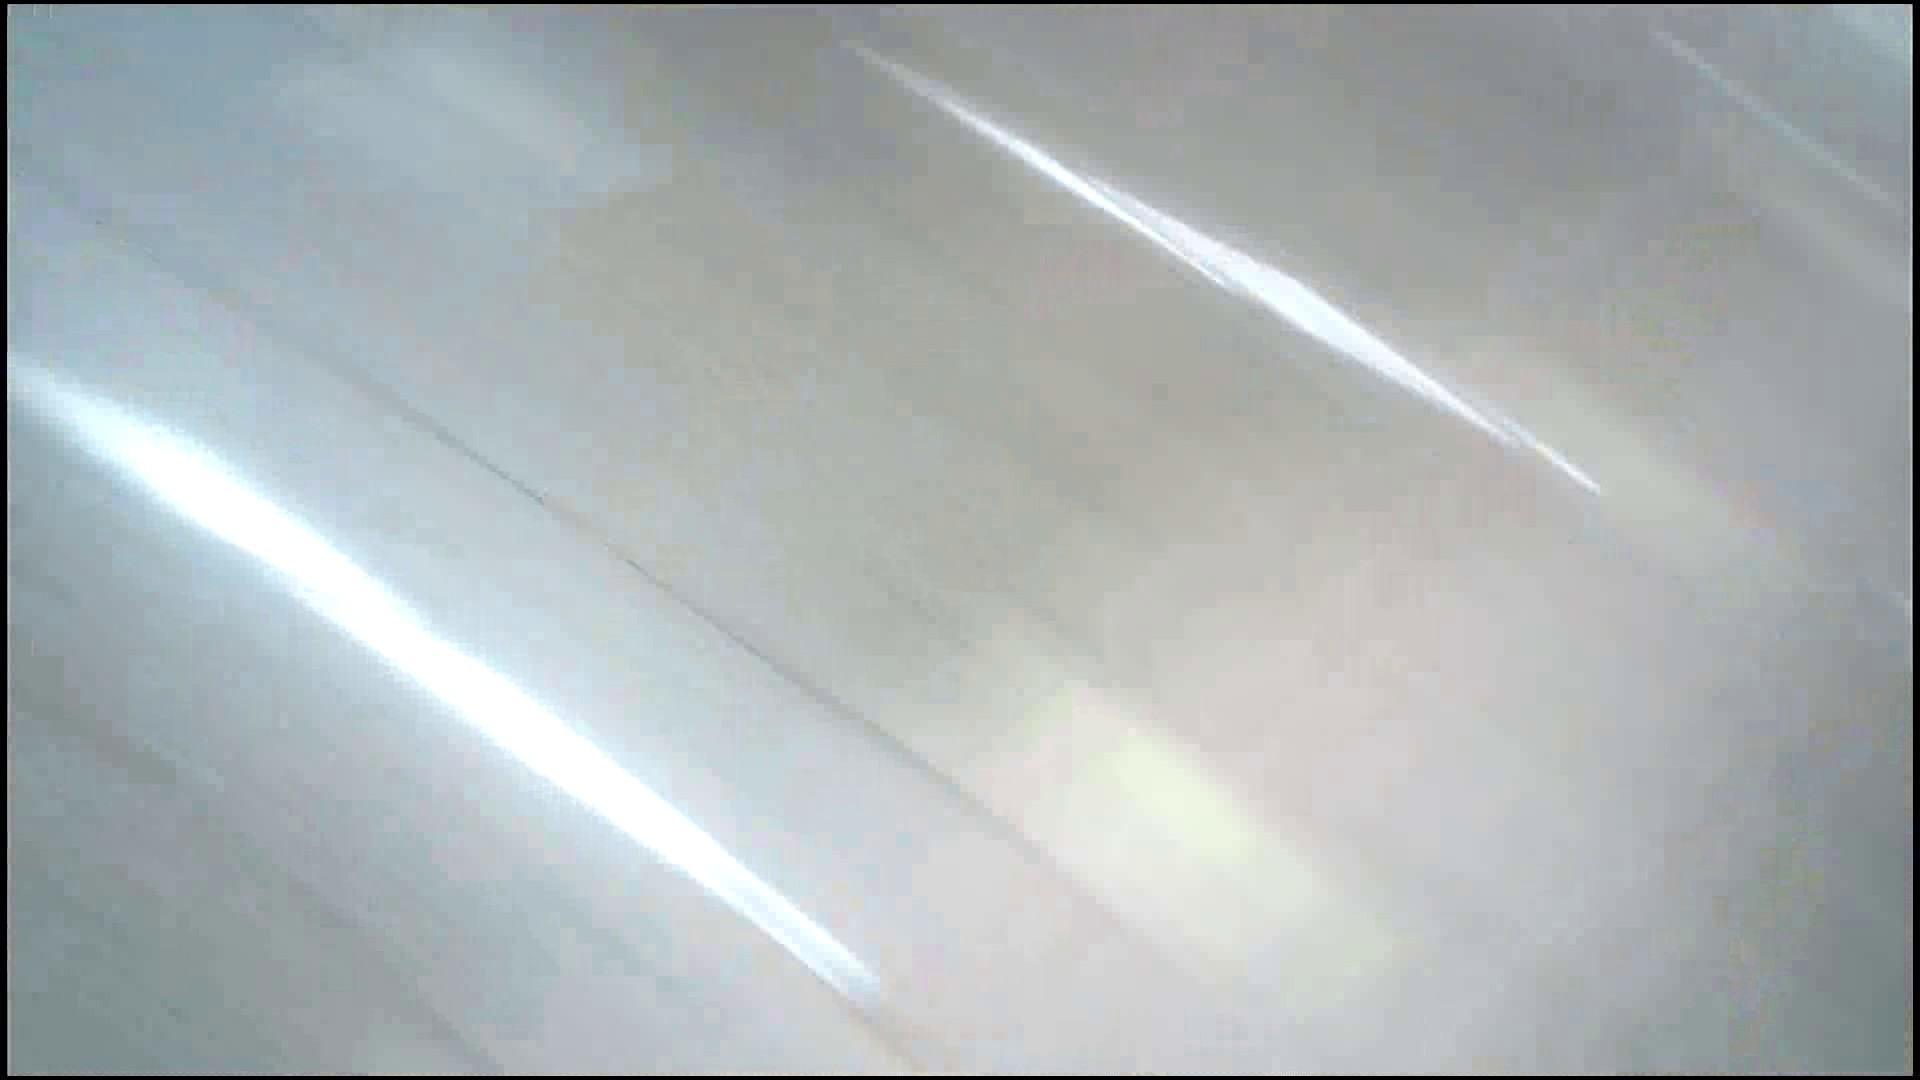 潜入!!韓国秘密のトイレ!Vol.15 潜入 盗撮AV動画キャプチャ 98pic 23